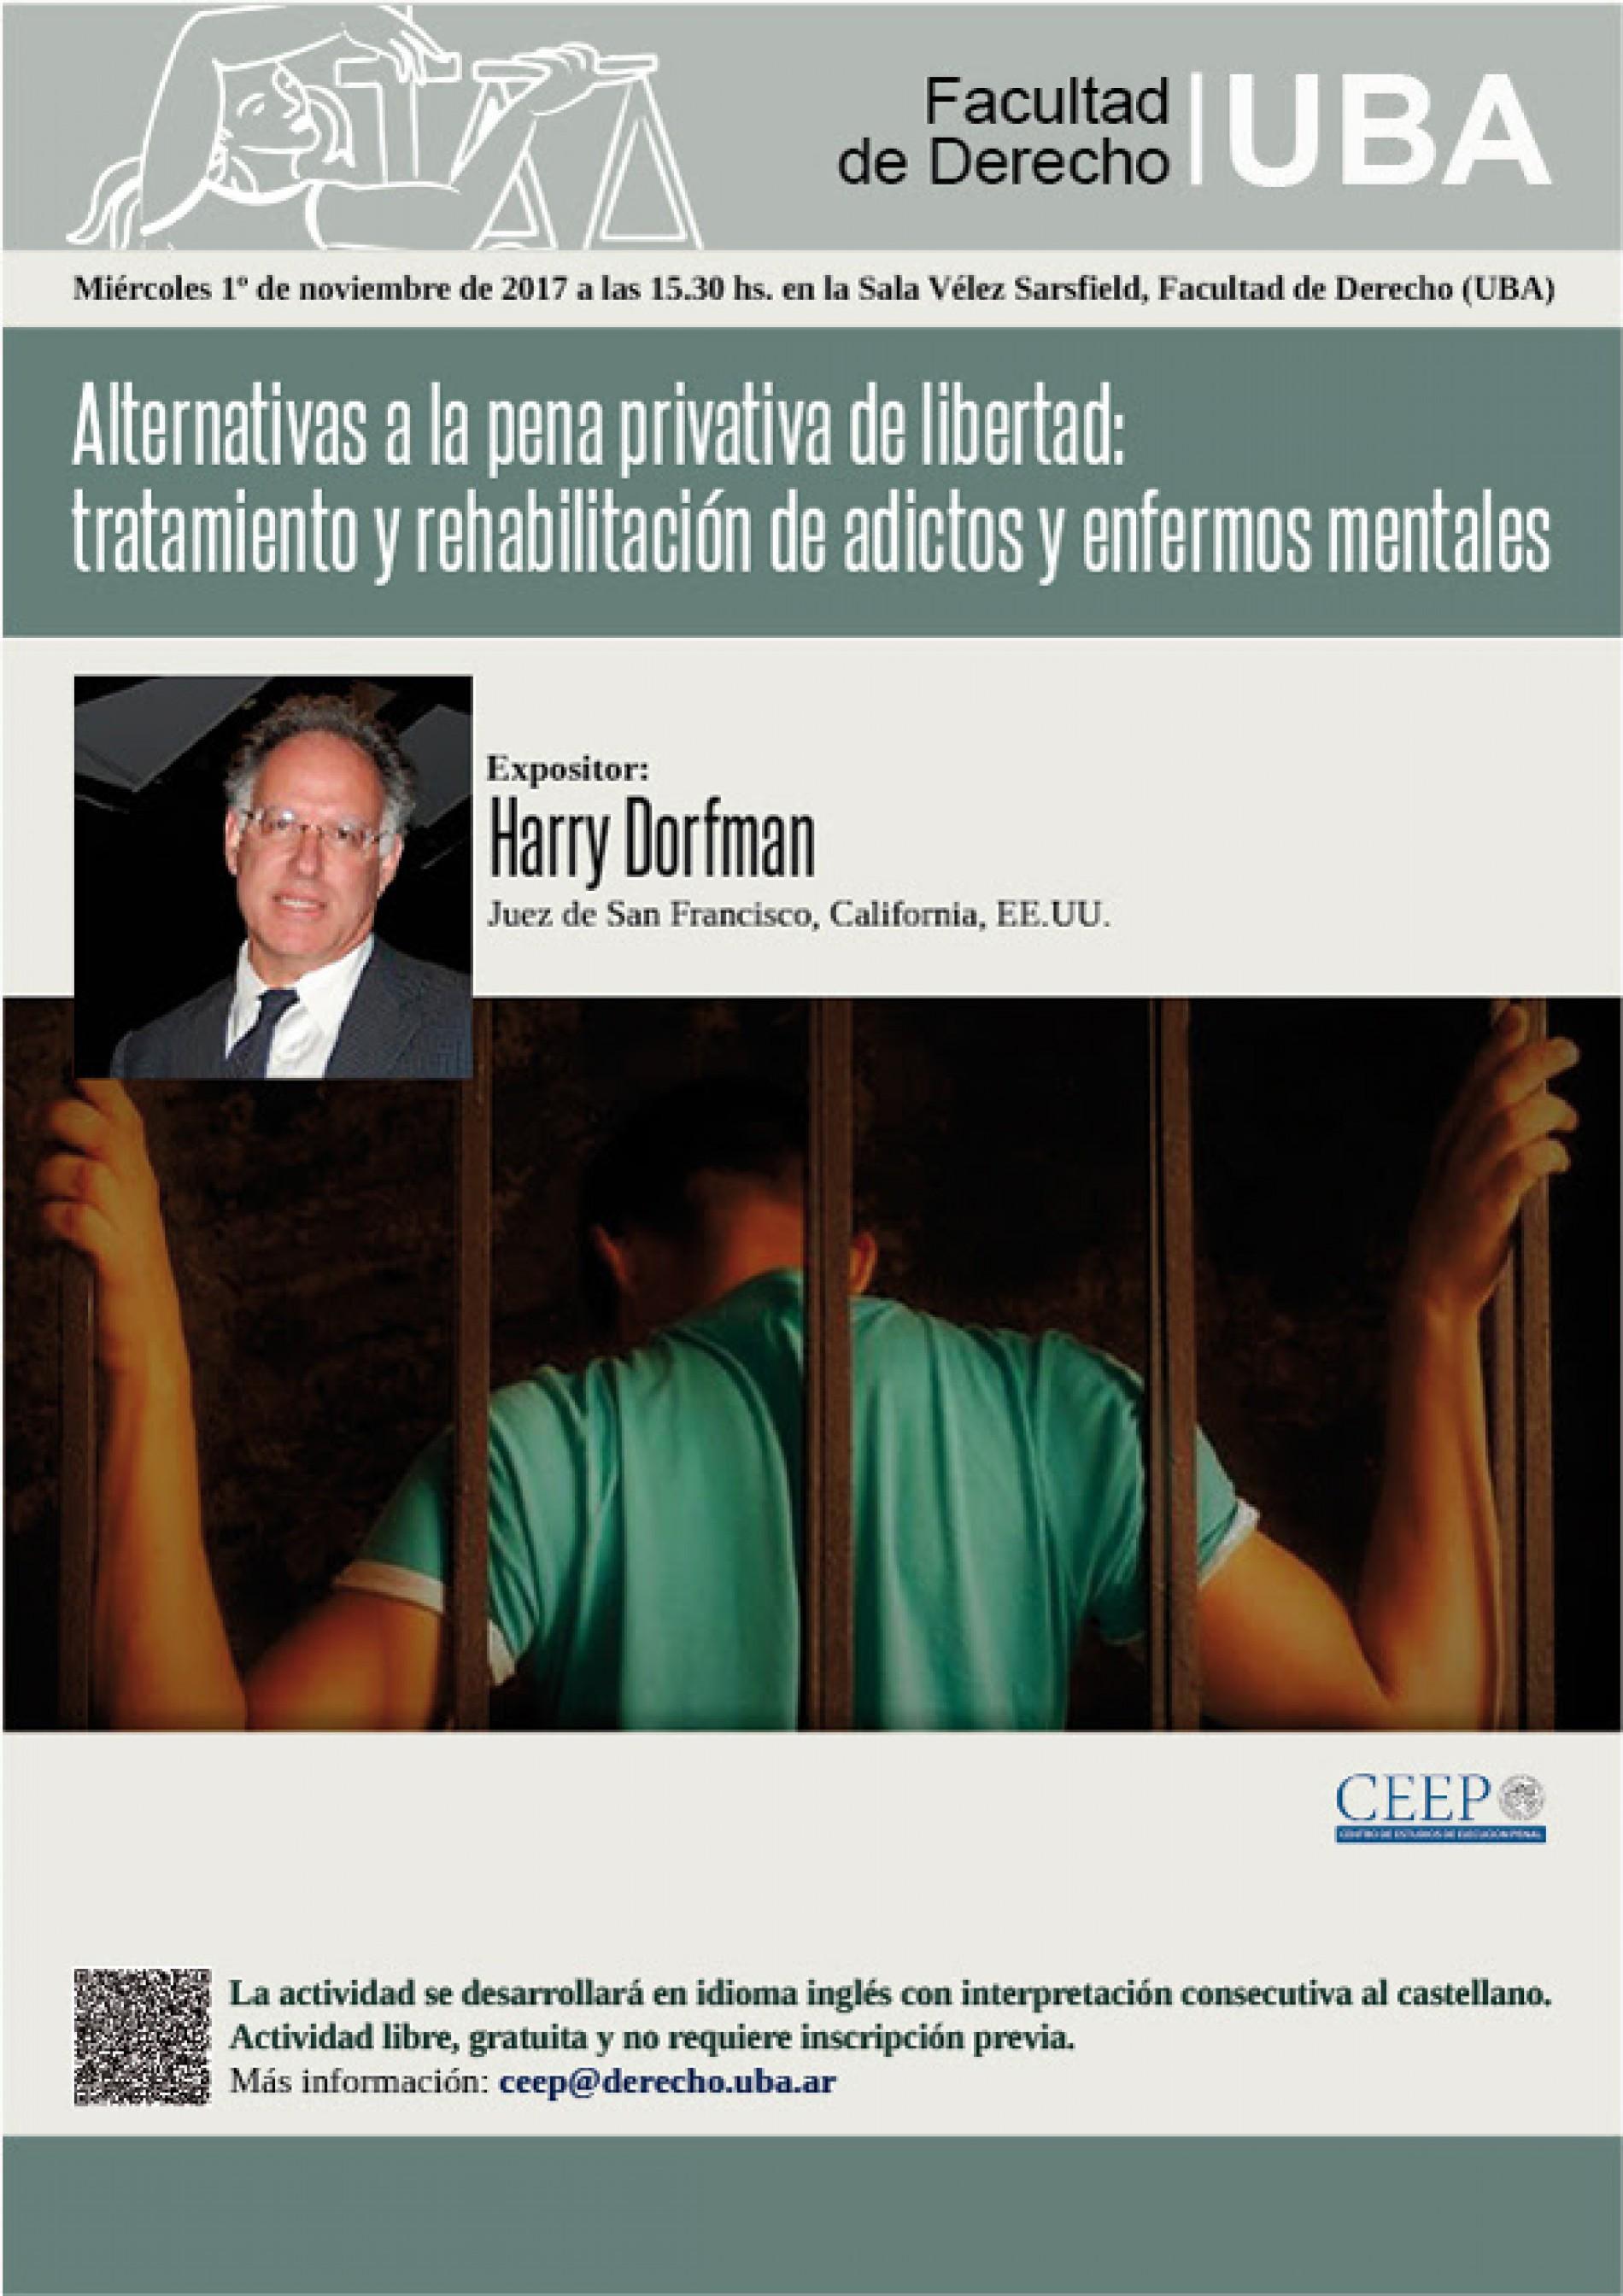 Alternativas a la pena privativa de libertad: tratamiento y rehabilitación de adictos y enfermos mentales